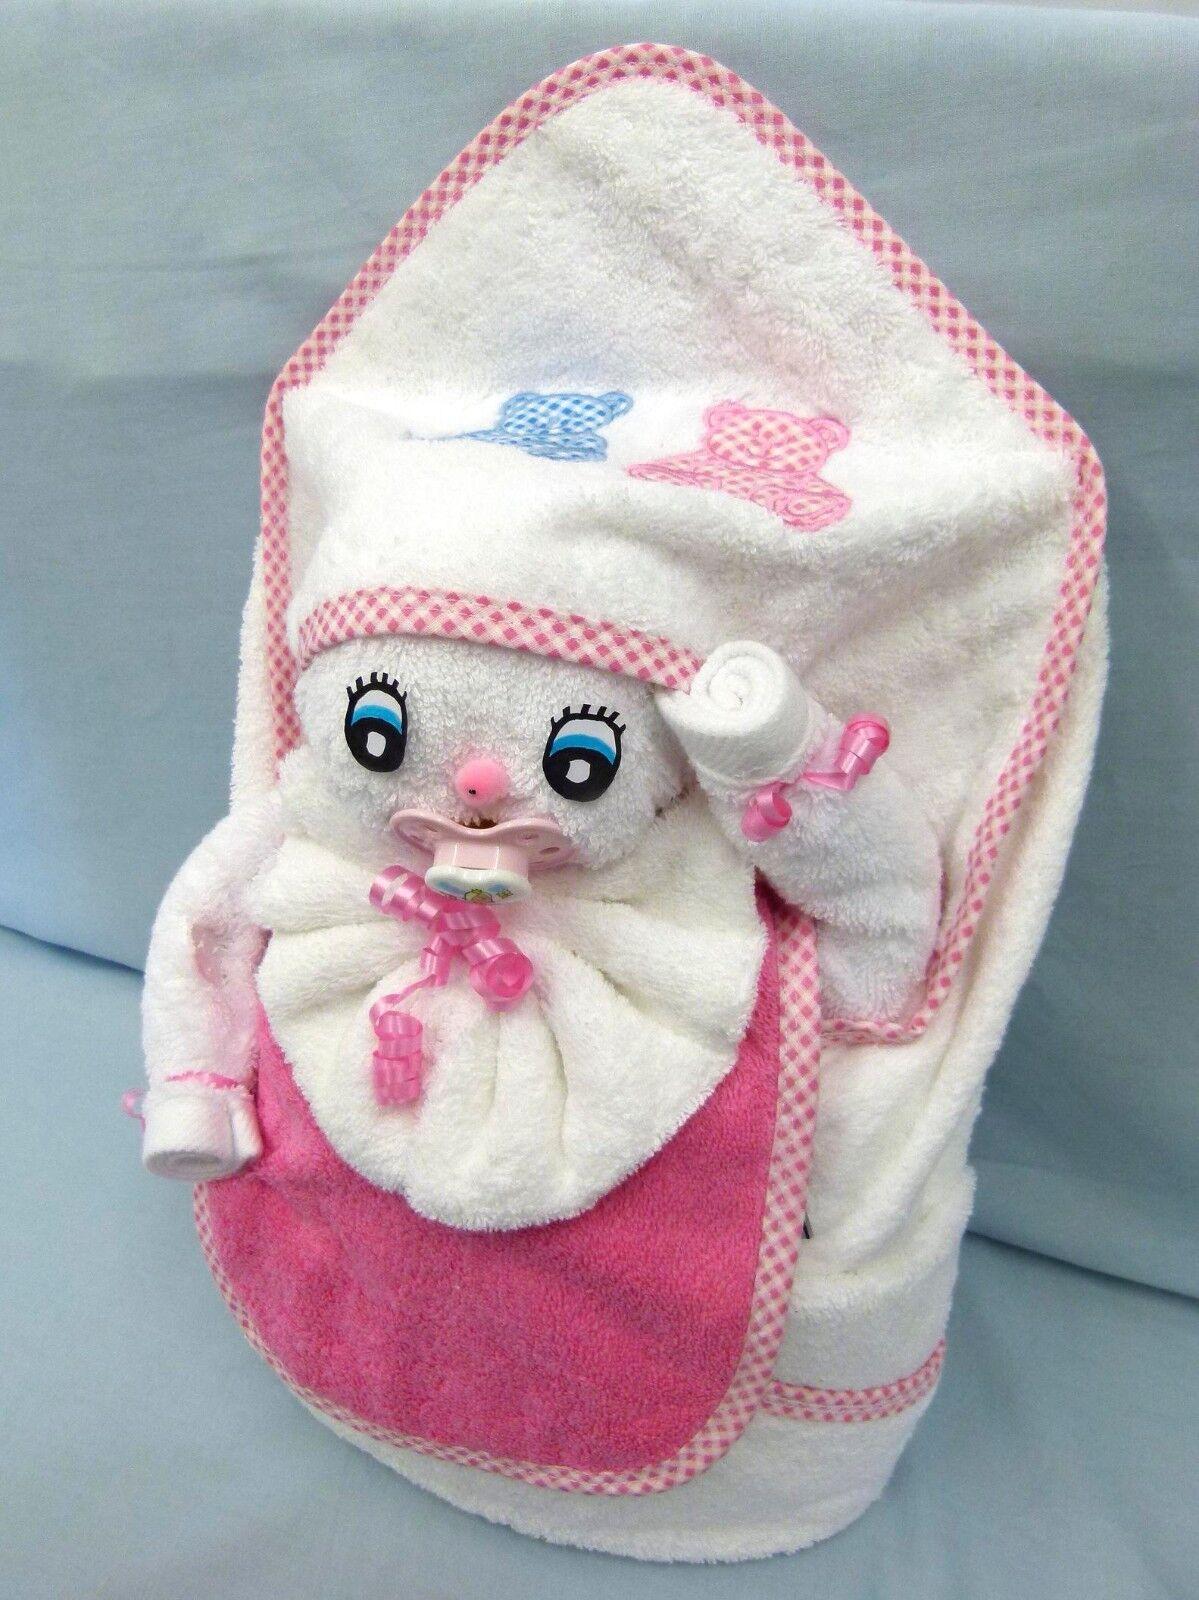 Handtuch Geschenk Figur Baby Schnuller Kapuze Gastgeschenk Taufe Babyparty Babyparty Babyparty Oster efb332